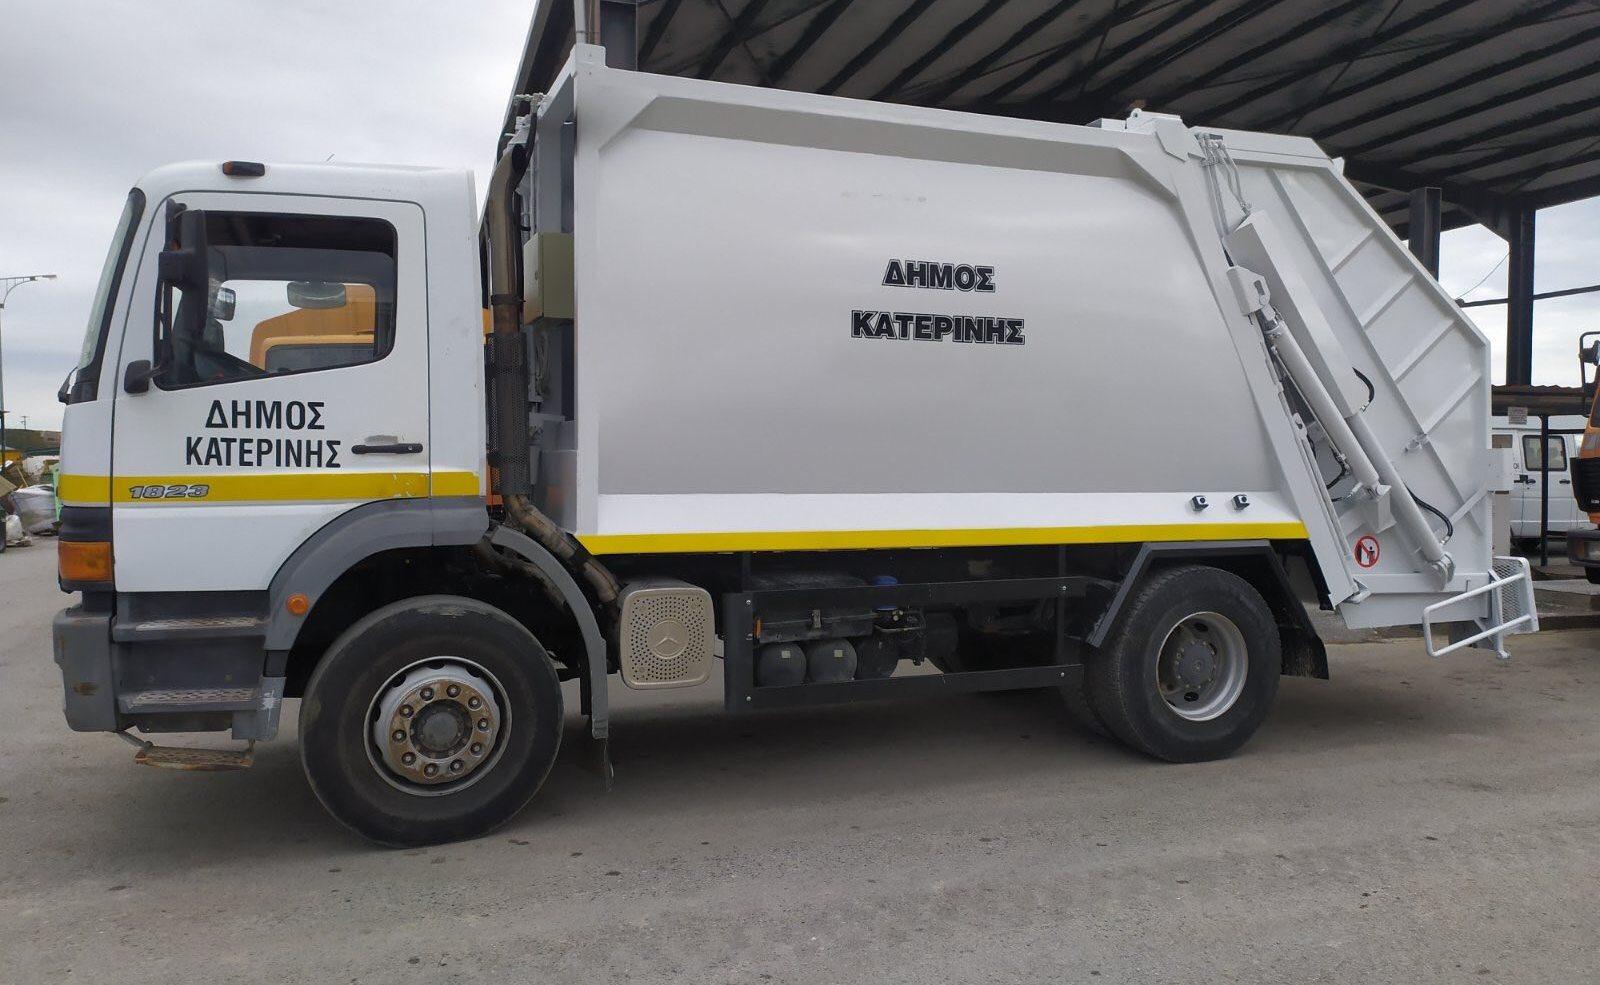 Υπηρεσία Καθαριότητας – Σε λειτουργία ακόμη δύο απορριμματοφόρα